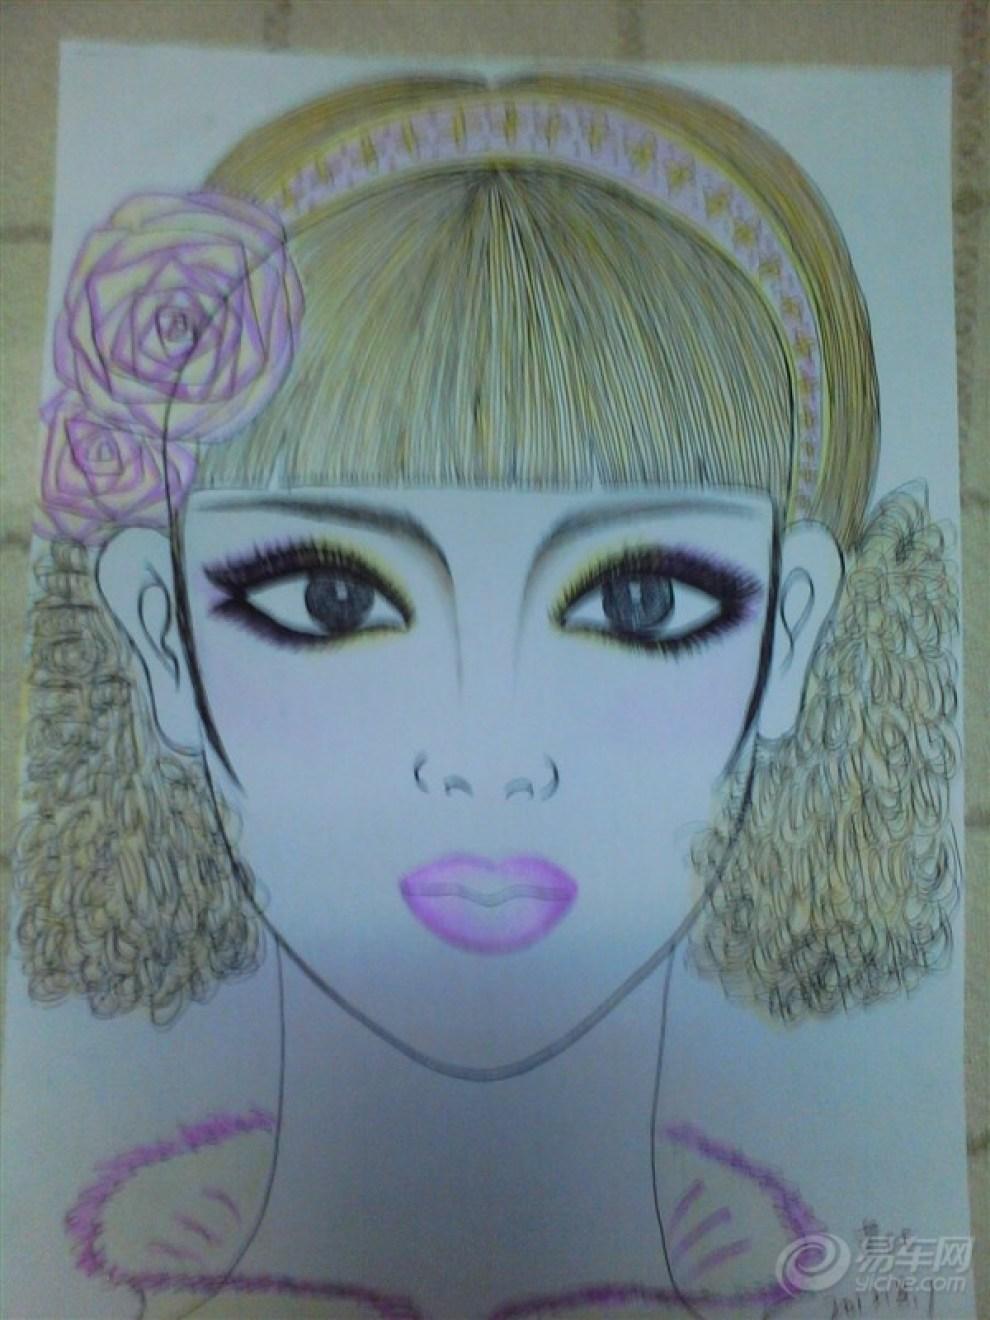 彩妆手绘图纸:创意彩妆手绘妆面图:手绘建筑设计图纸